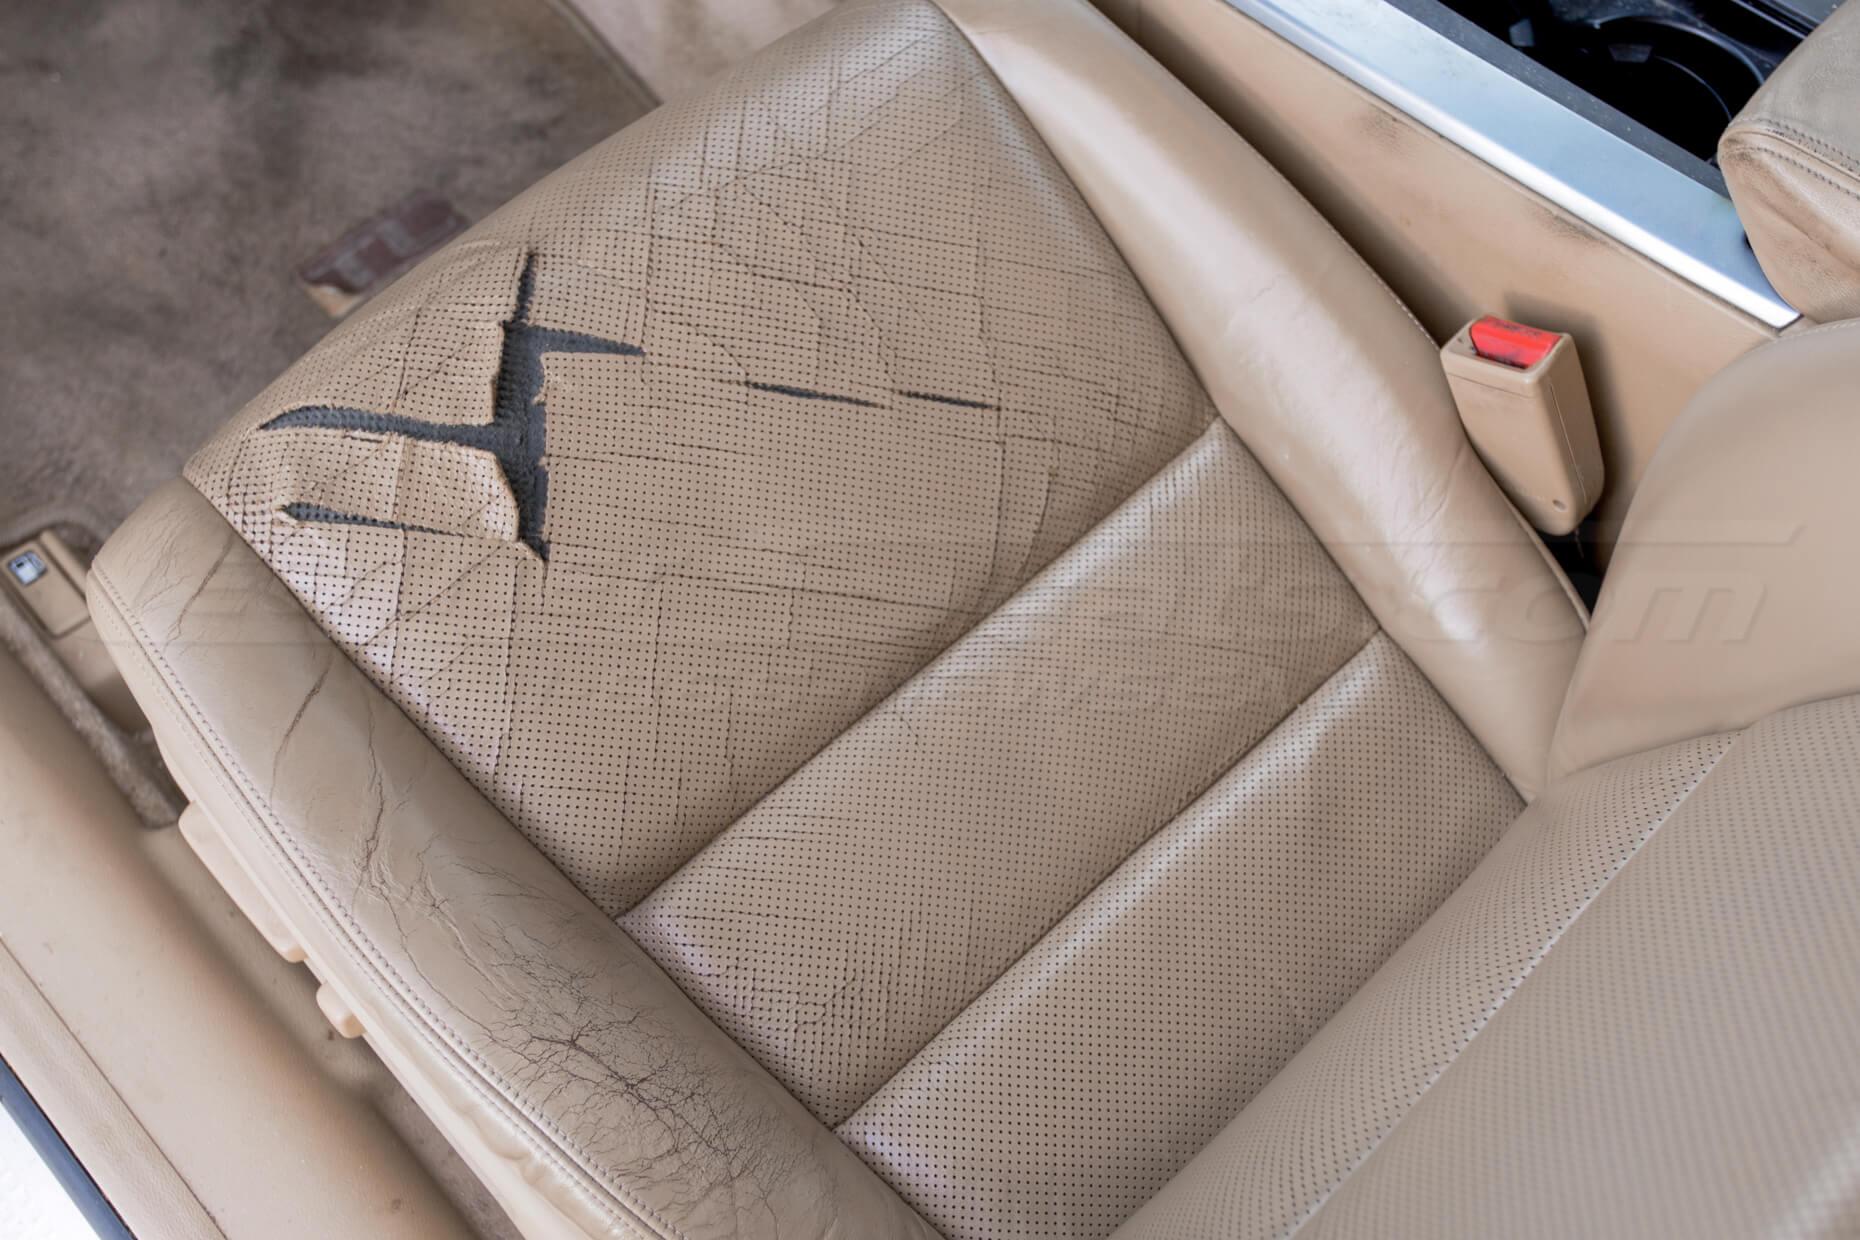 Damaged leather seat cushion